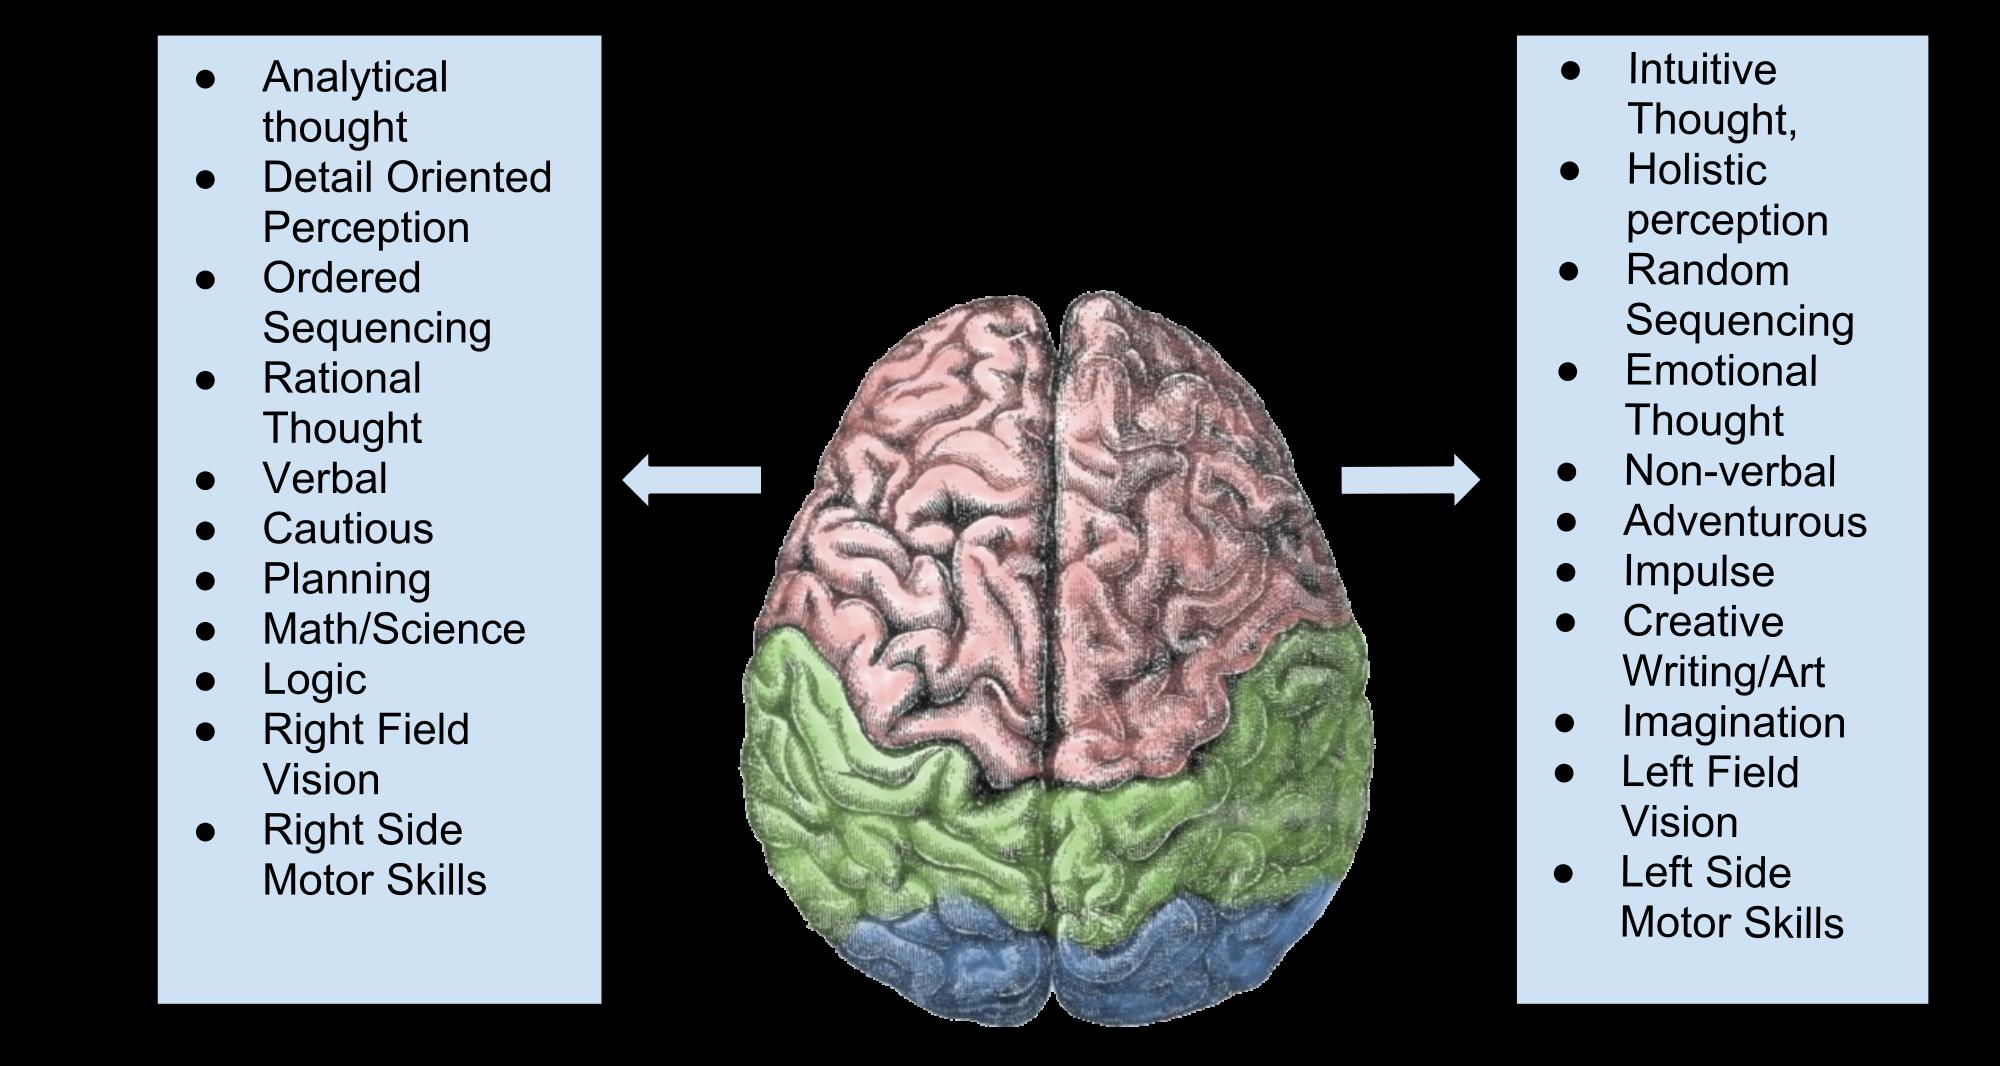 Right brain vs Left brain functions